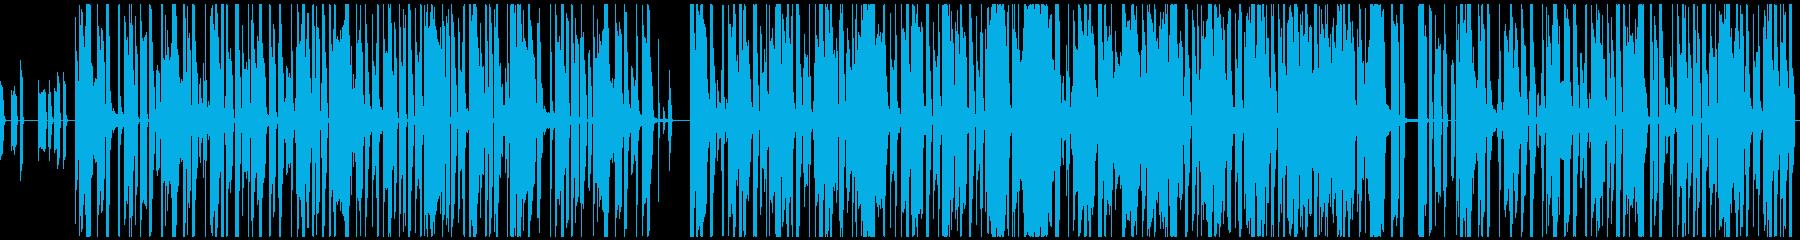 アナログシンセのファンキーなグルーブの再生済みの波形